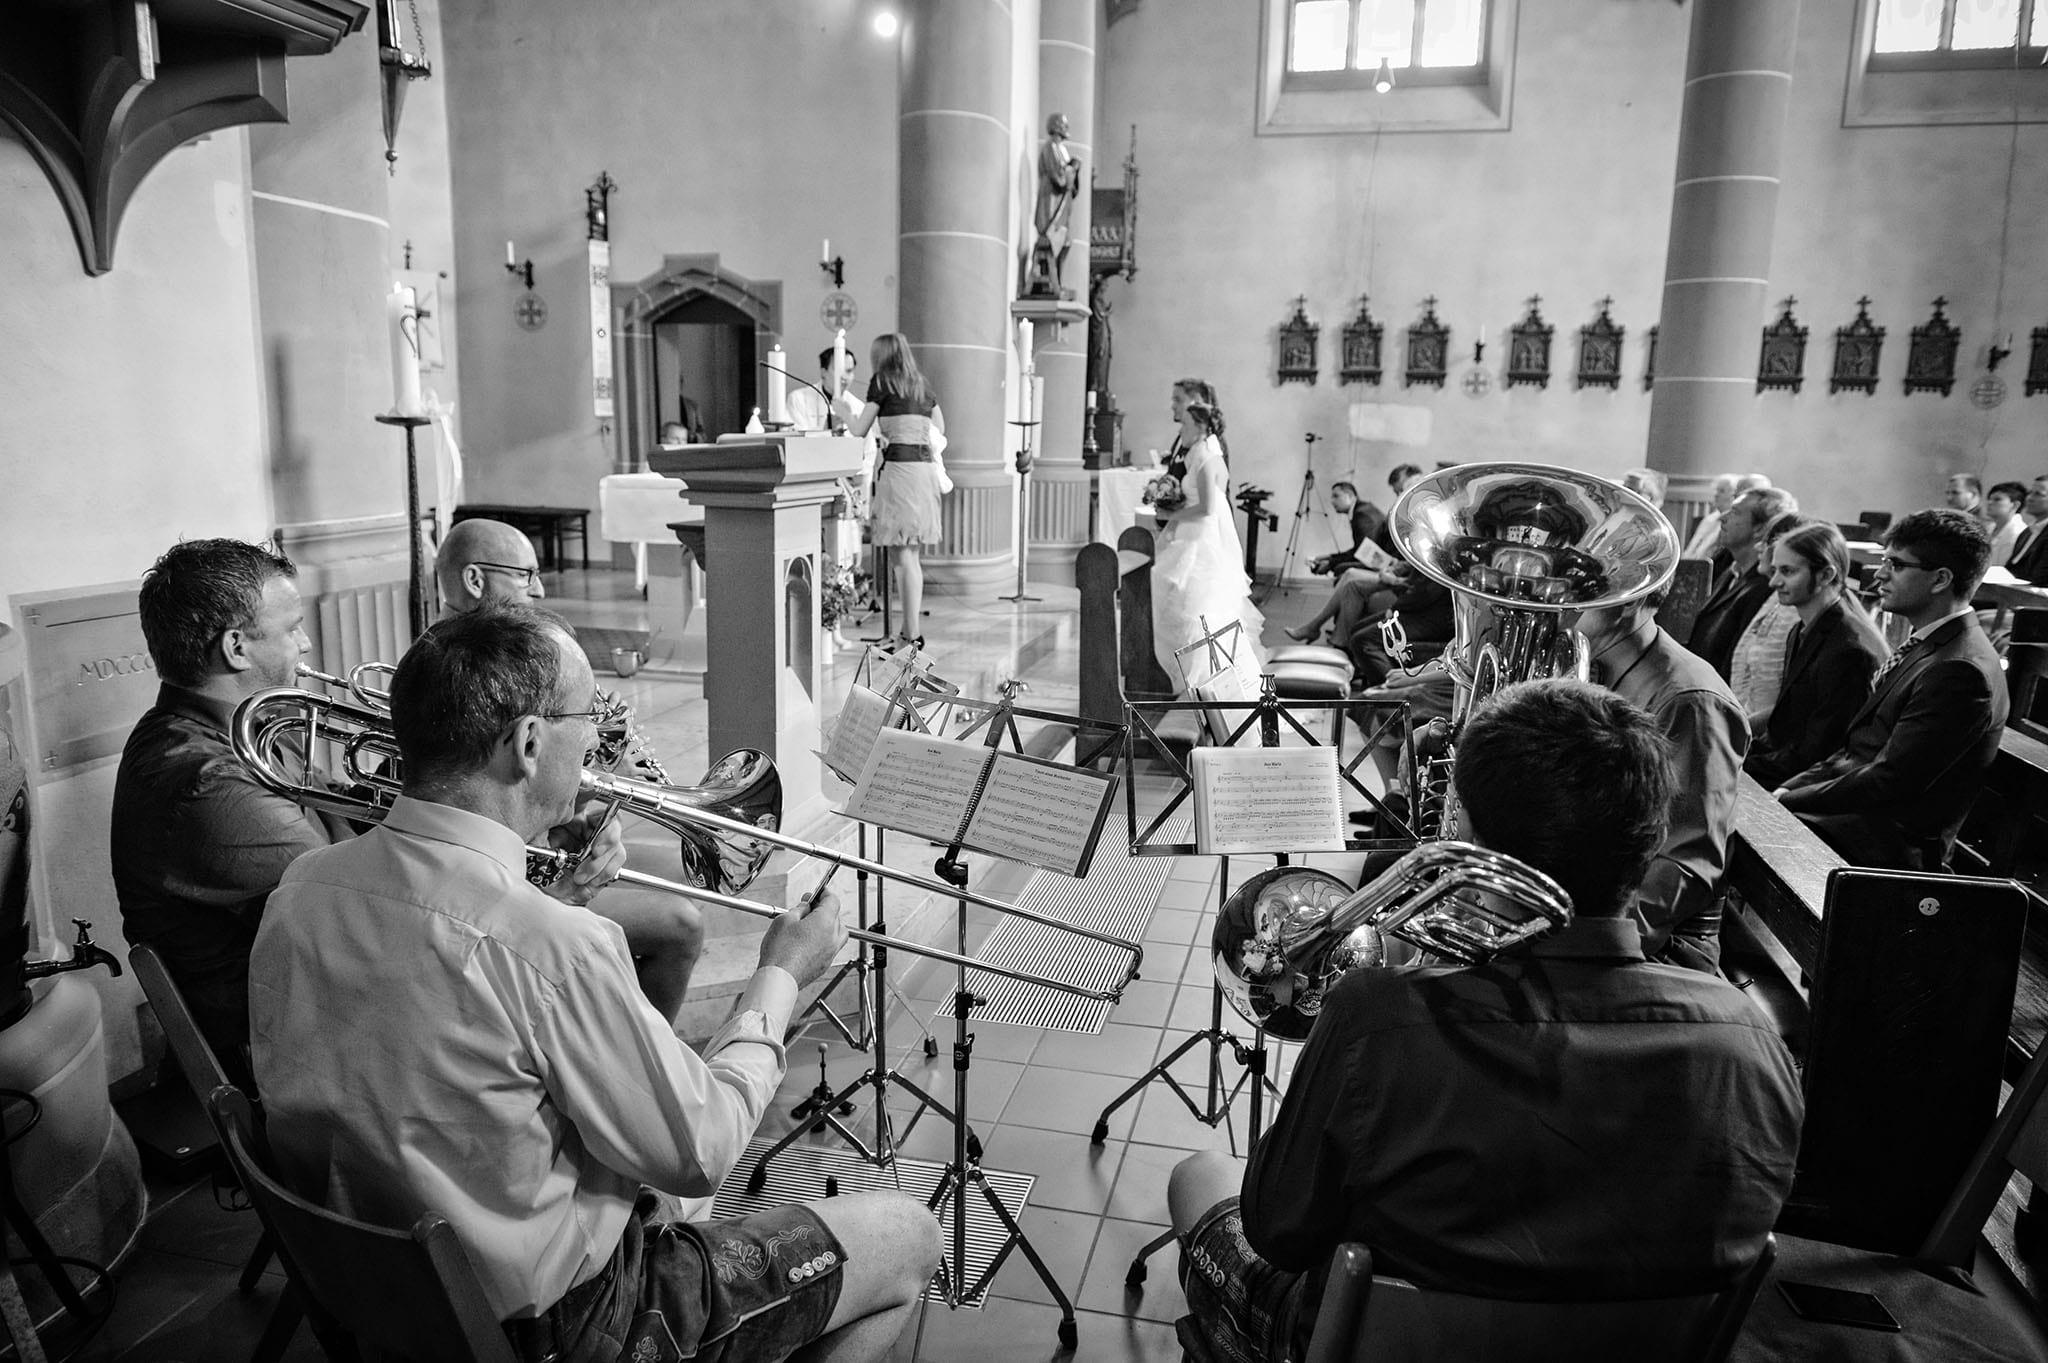 Hochzeit 063 Hochzeit Traugottesdienst Kirche Ave Maria Hochzeitsfotografie Daniel Fuss Fotografie